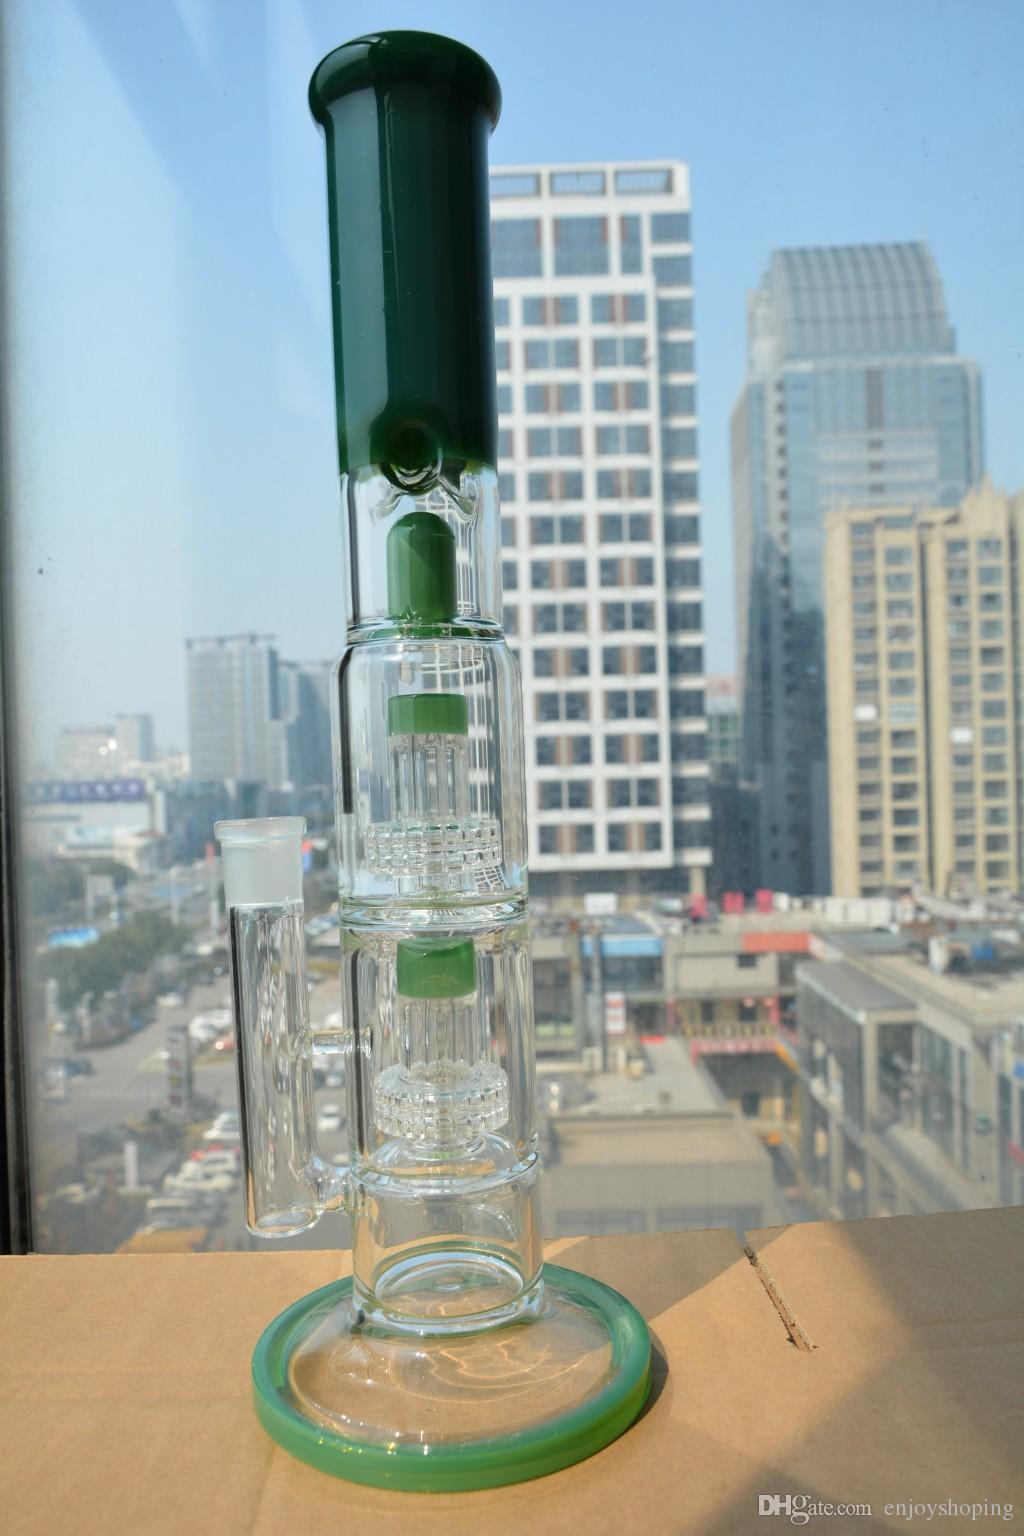 Dick 2 Schicht Perc Birdcage Perkolator Matrix Perc Gerade Rohr Bongs Grüne Kuppel Perkolator Wasserleitungen Freies Verschiffen